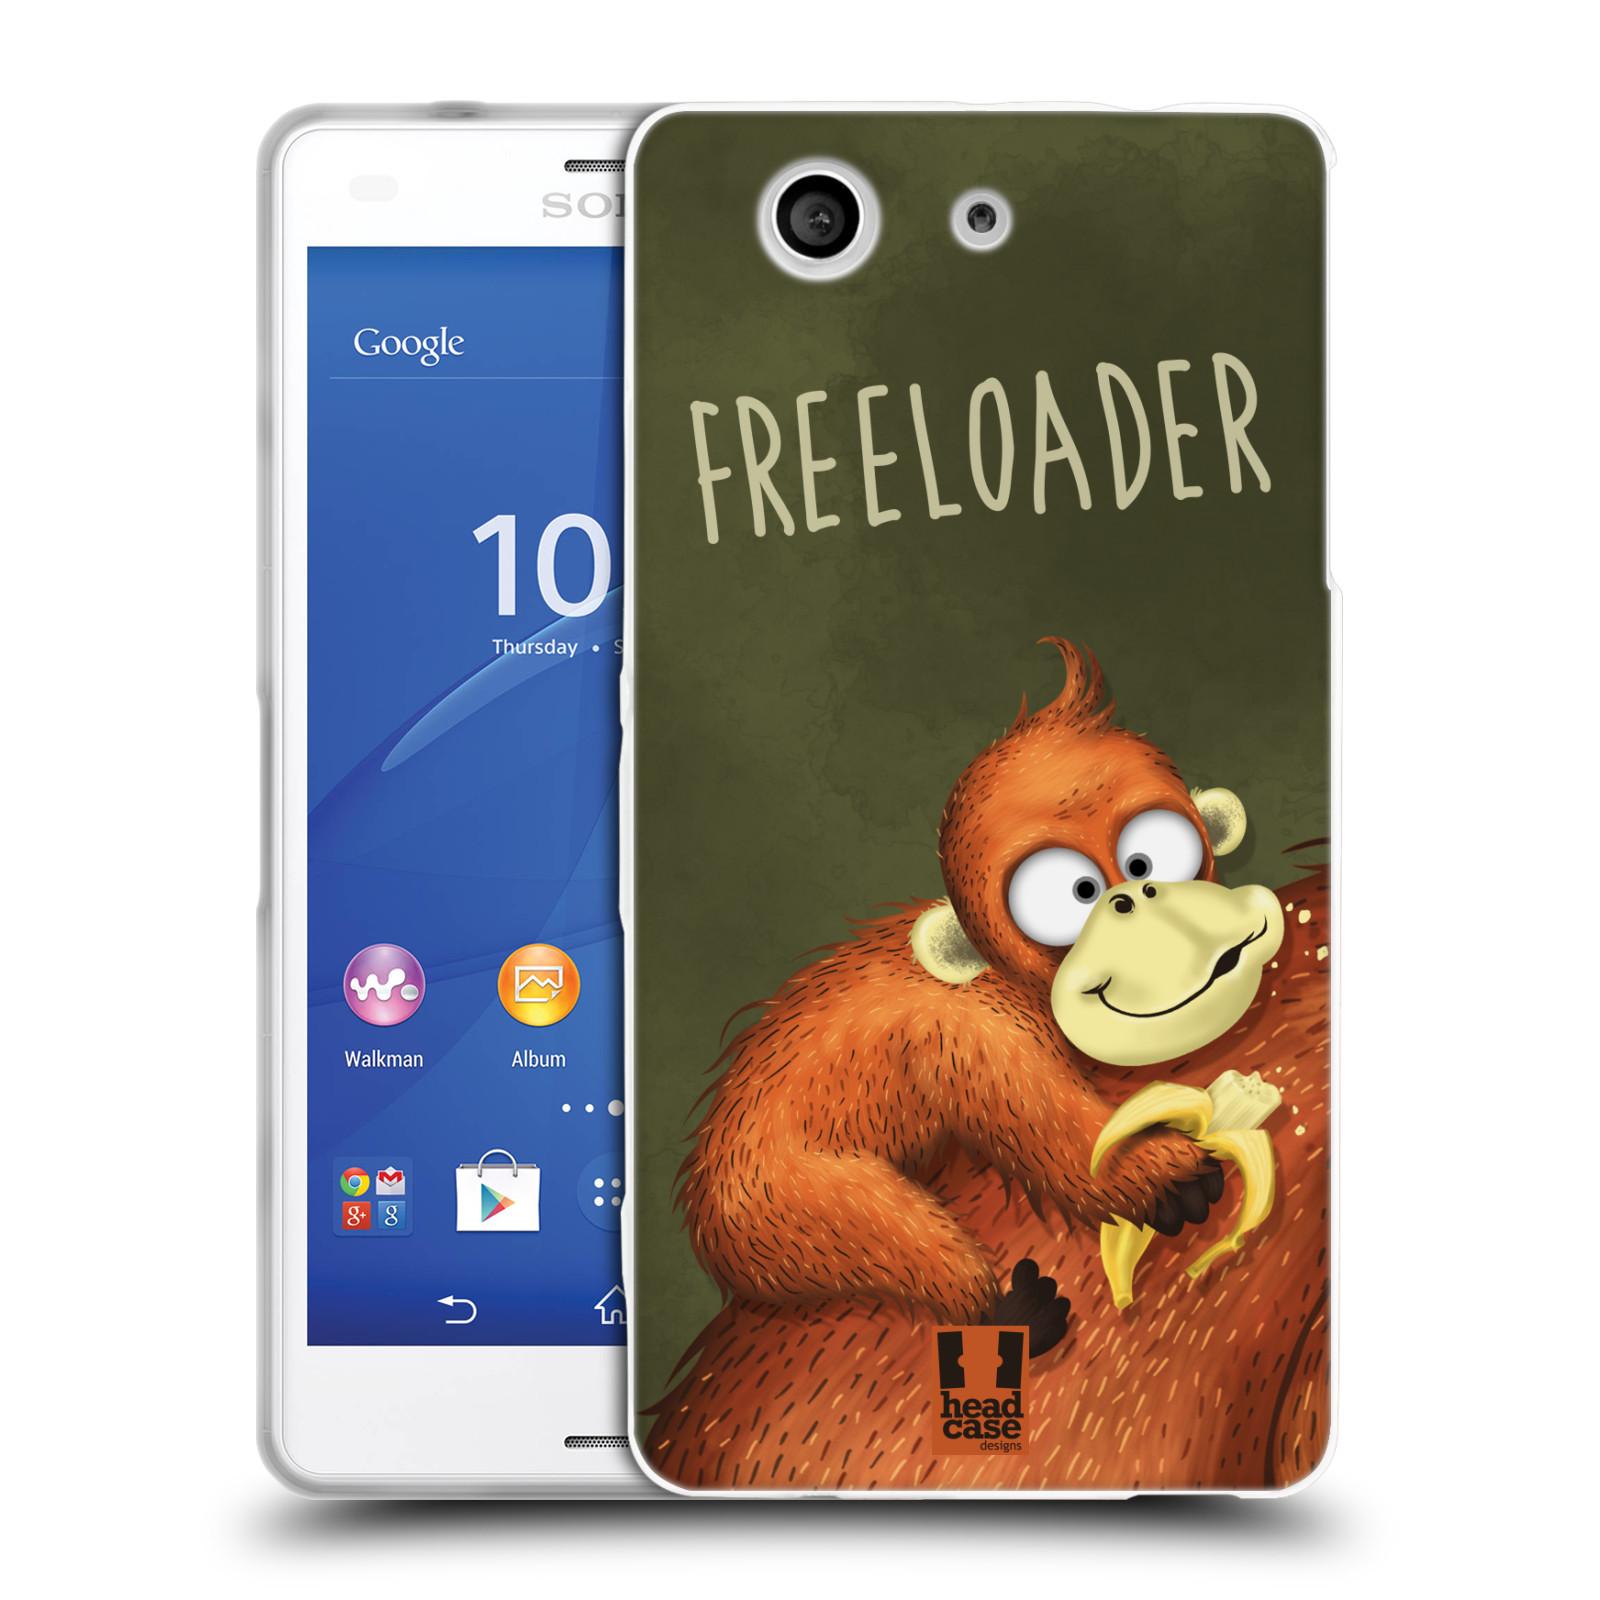 Silikonové pouzdro na mobil Sony Xperia Z3 Compact D5803 HEAD CASE Opičák Freeloader